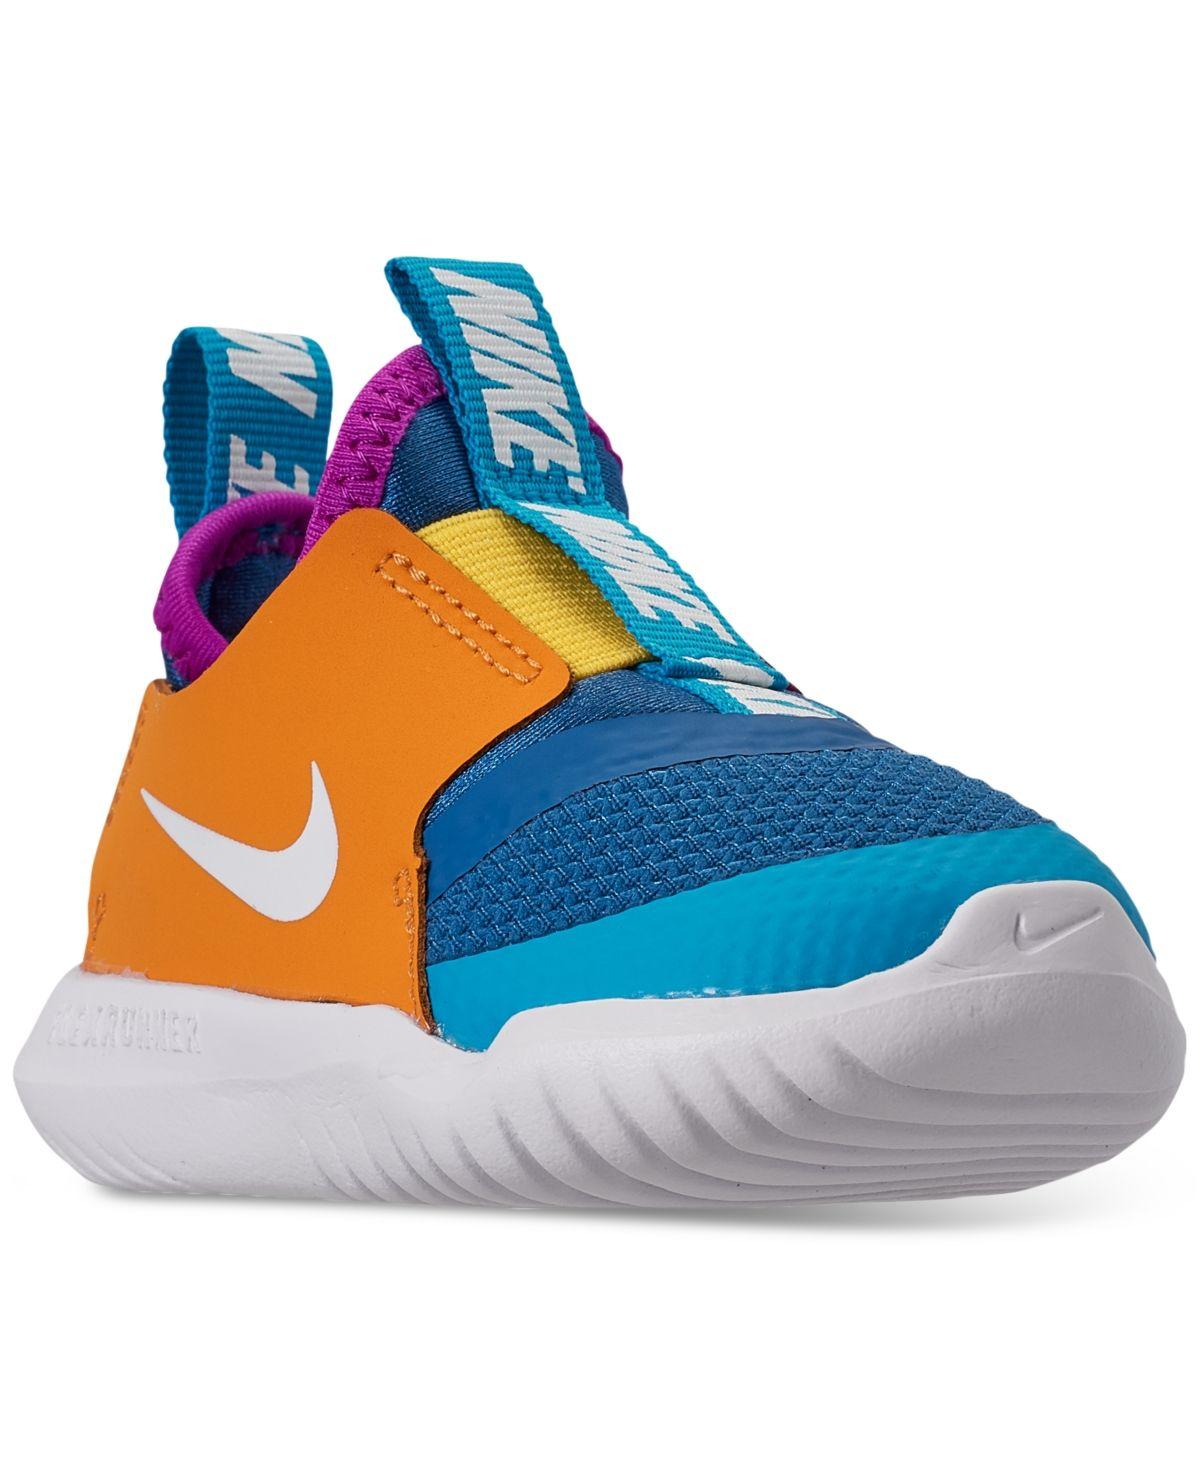 Nike Toddler Boys Flex Runner Slip On Athletic Sneakers From Finish Line Mountain Blue White Lt Cu Athletic Sneakers Nike Kid Shoes